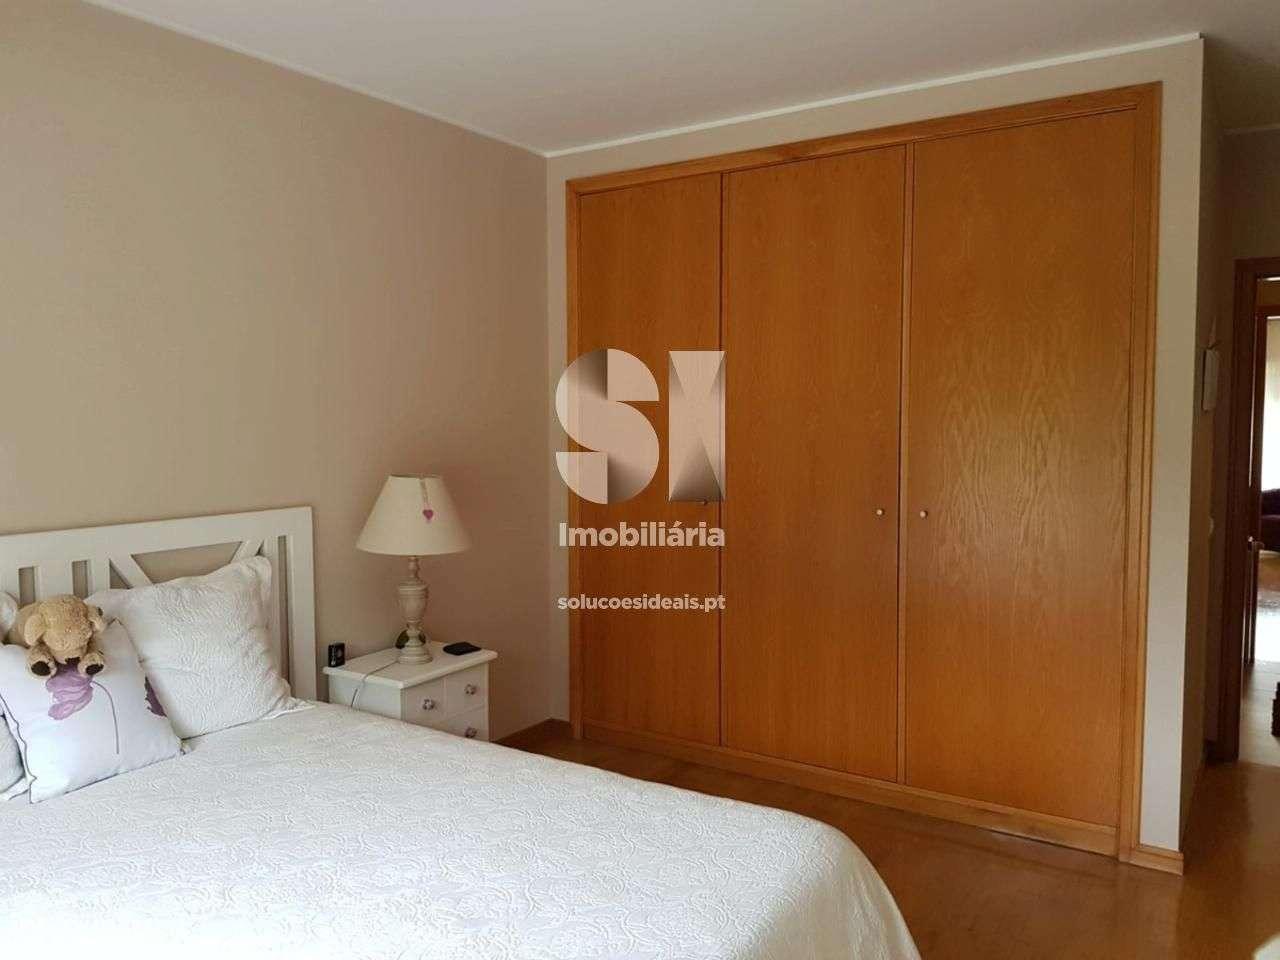 Apartamento para comprar, A dos Cunhados e Maceira, Lisboa - Foto 13